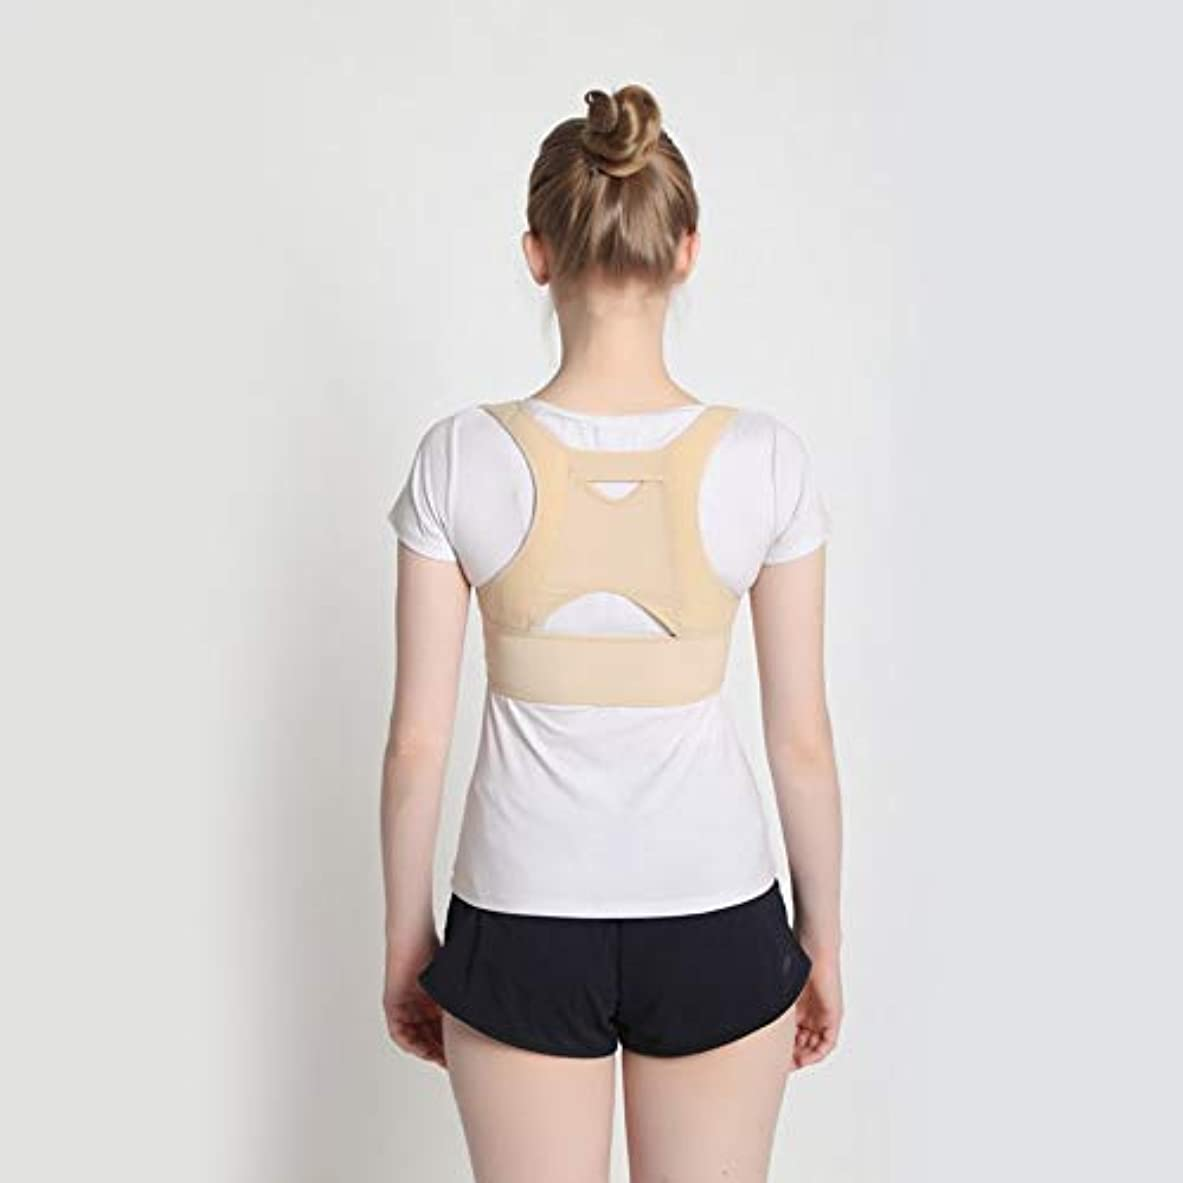 怖がらせる設置カリキュラム通気性のある女性の背中の姿勢矯正コルセット整形外科の肩の背骨の背骨の姿勢矯正腰椎サポート